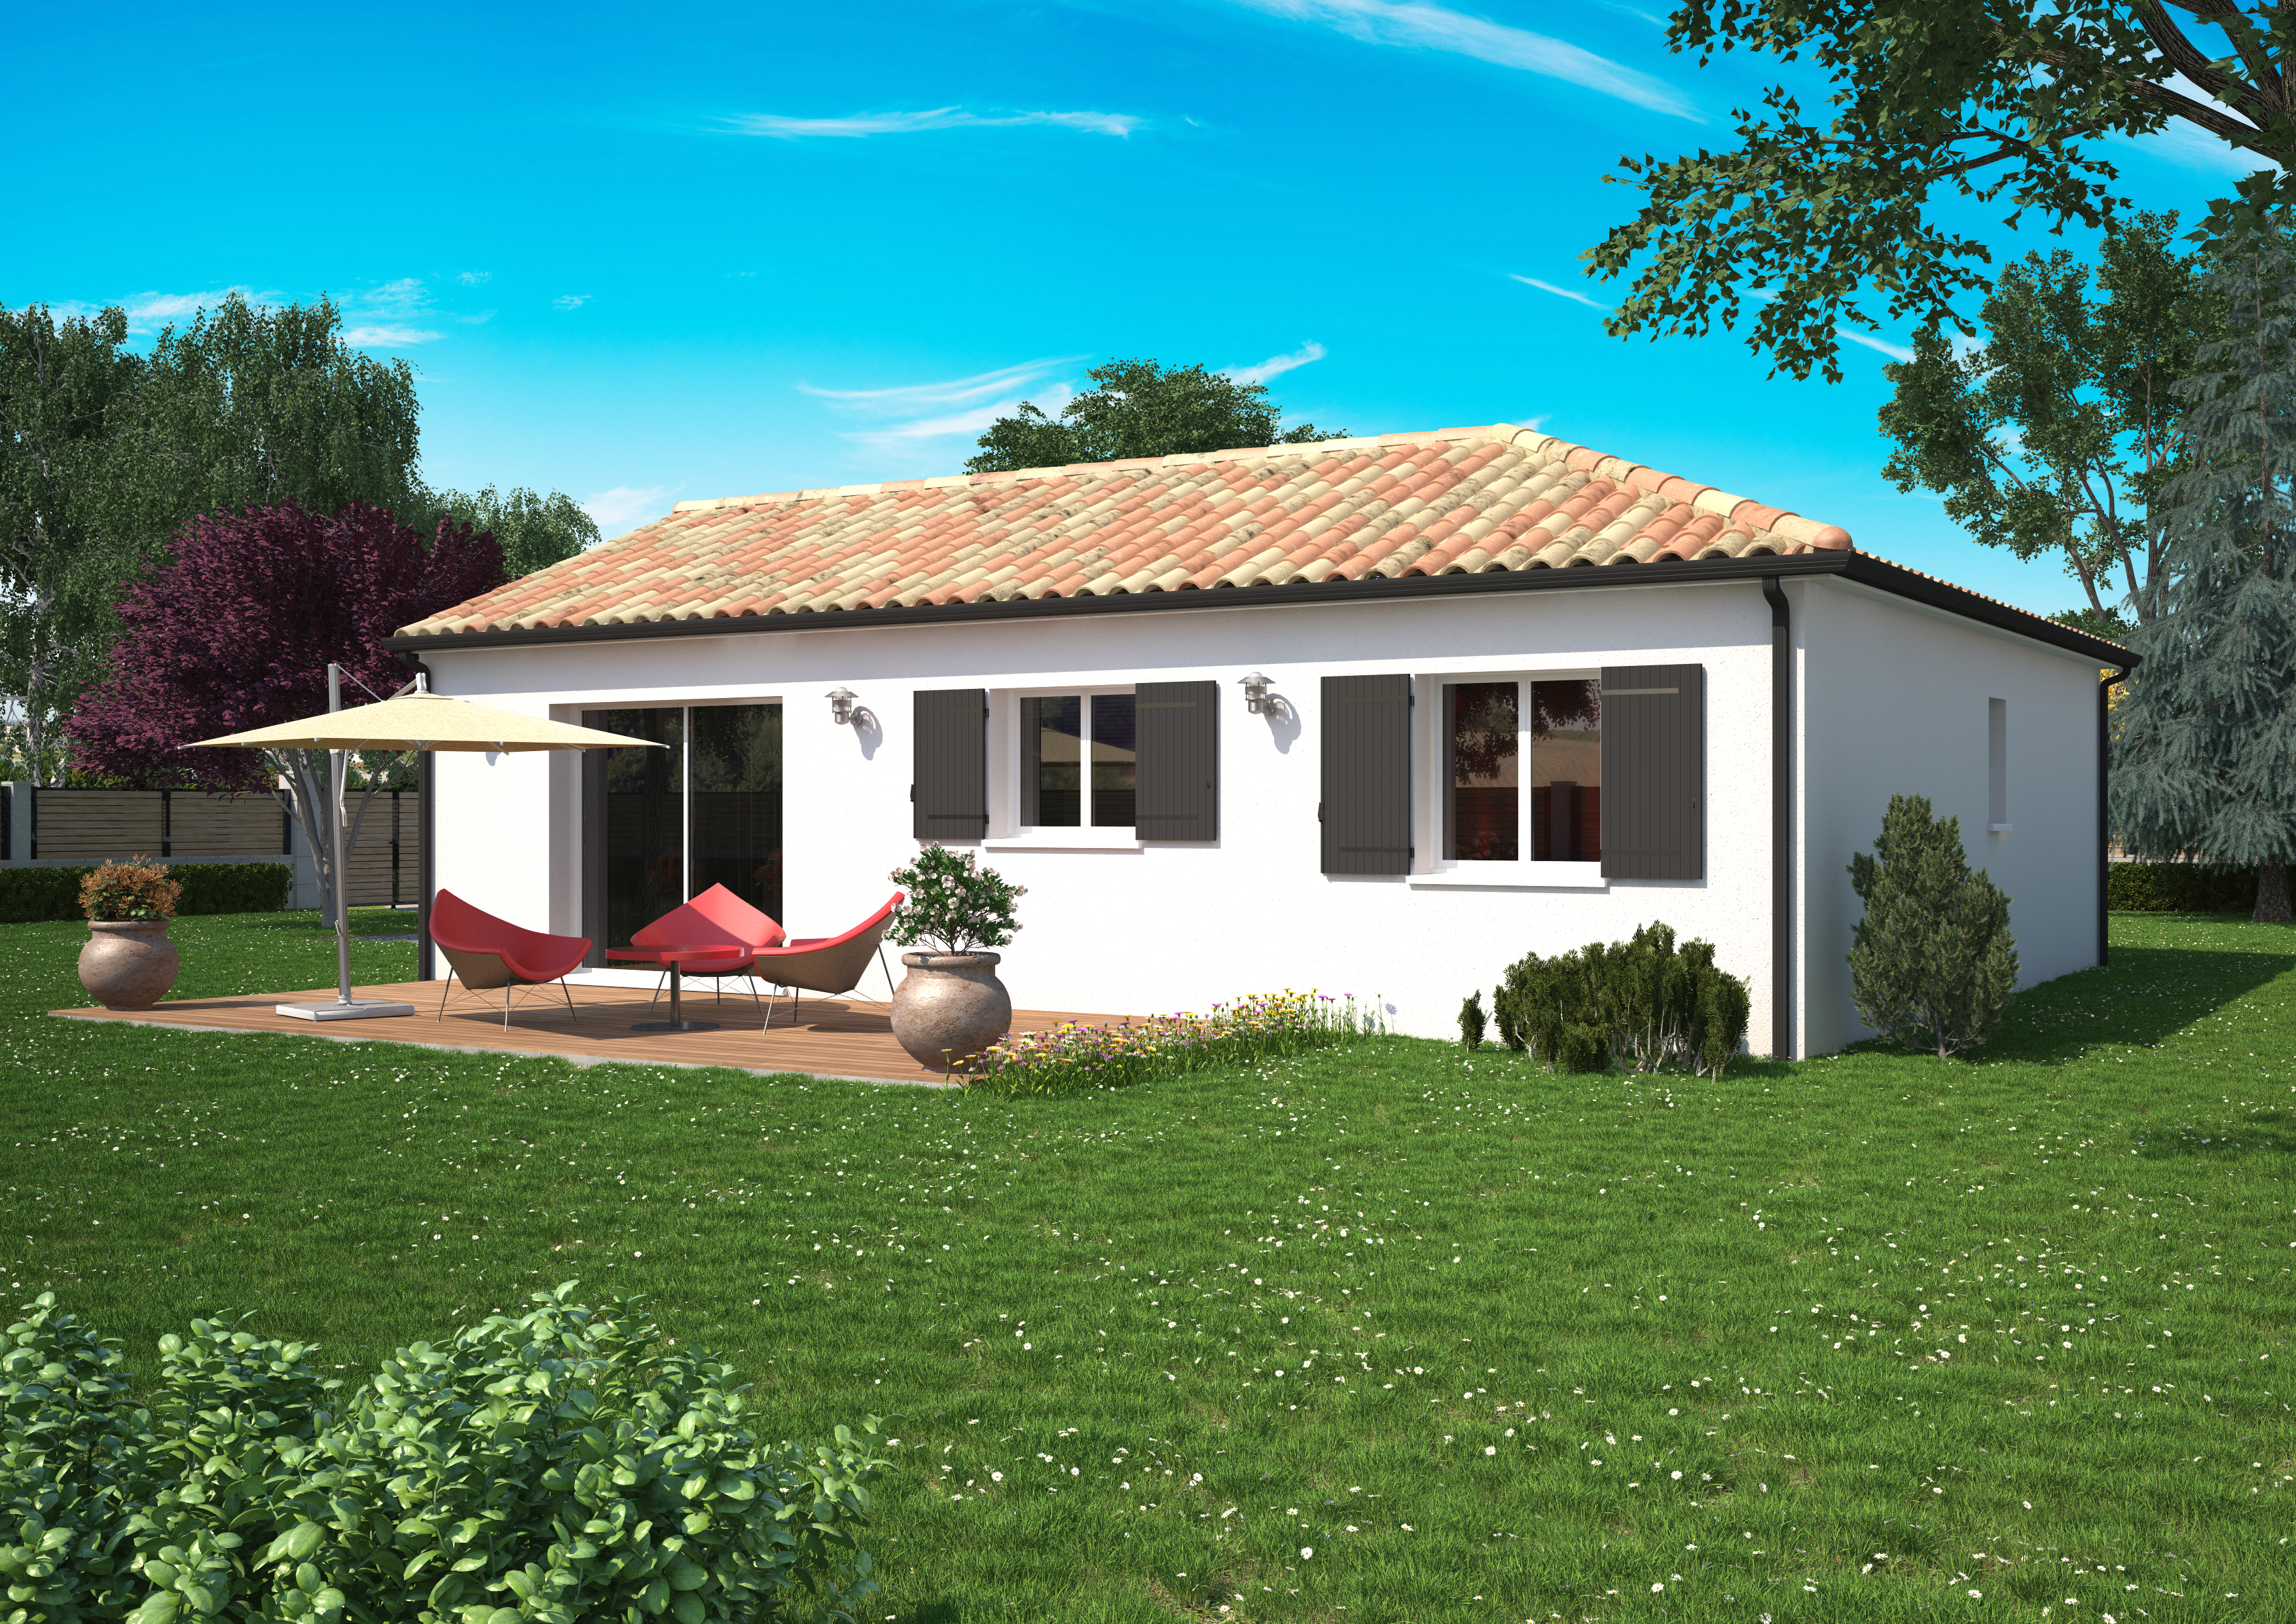 Maison à vendre à Cissac-Médoc